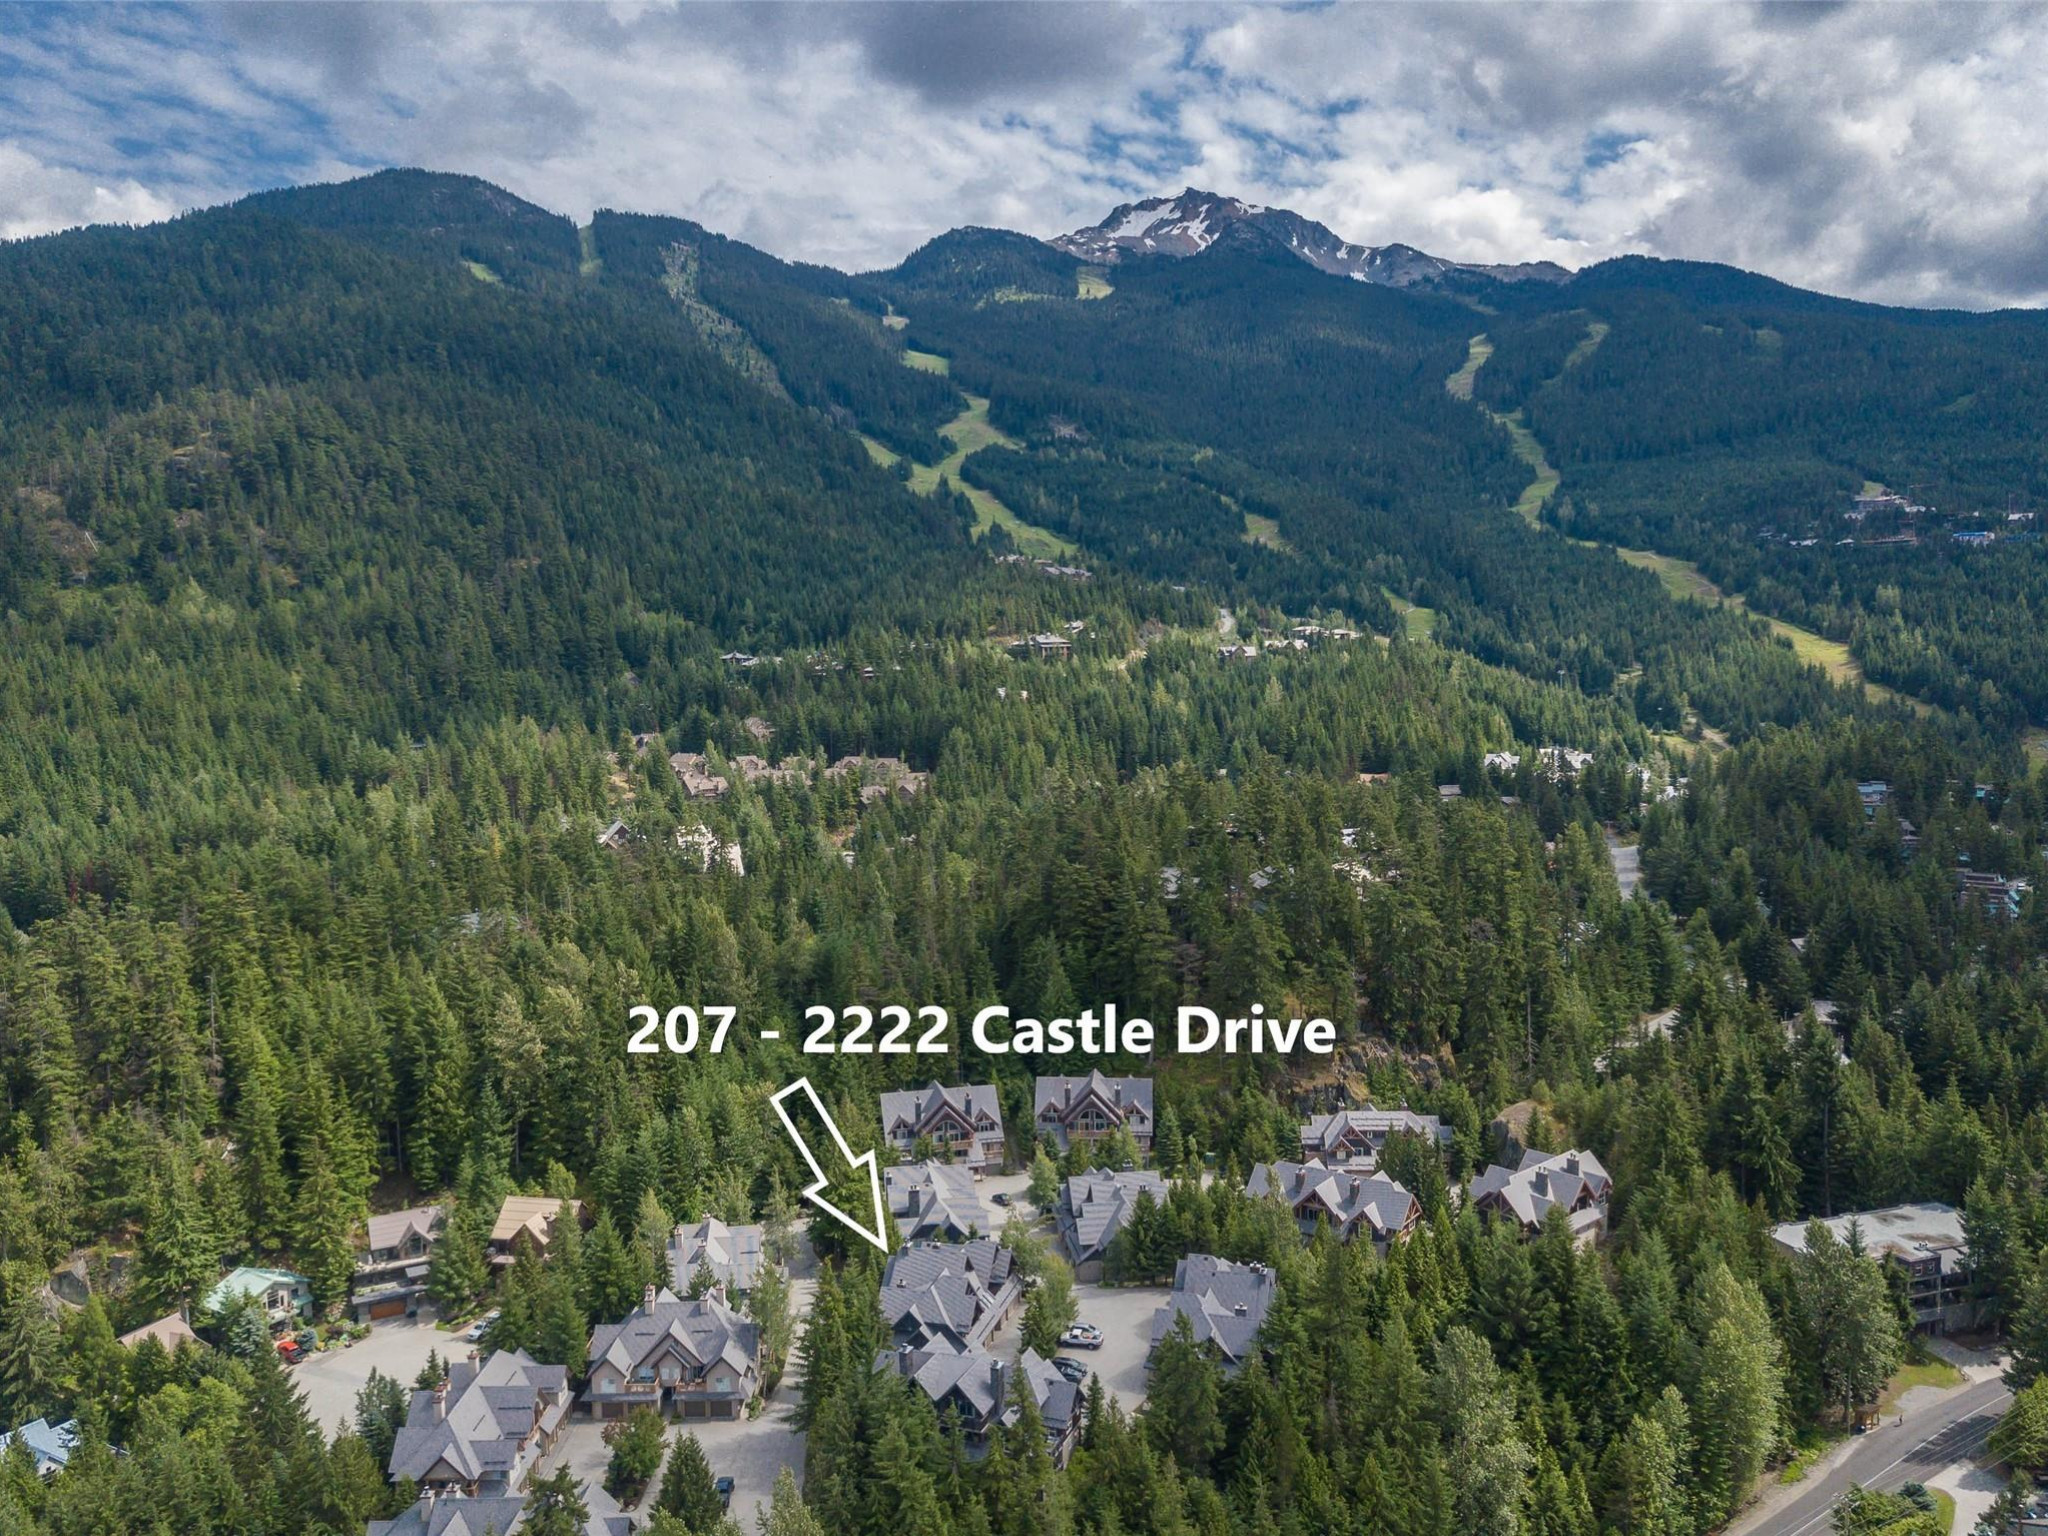 207-2222 Castle Drive image 15